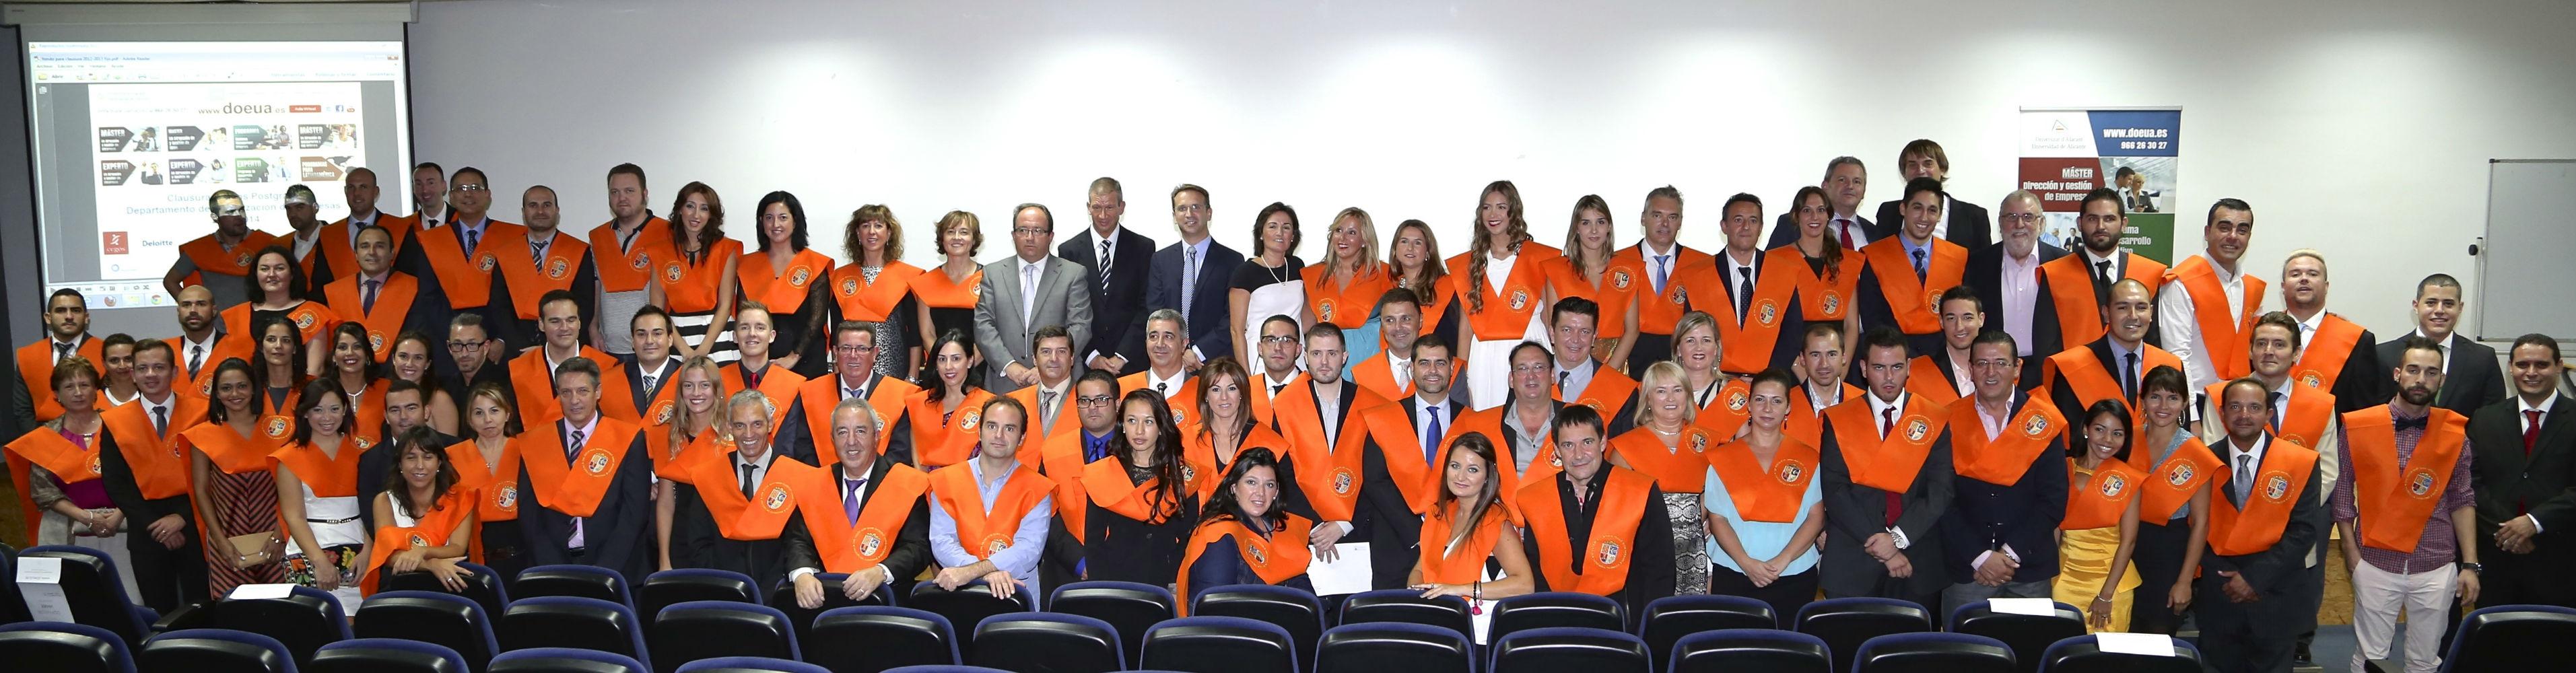 foto-clausura-bandas-alumnos-master-pymes-empresas-hosteleria-recursos-humanos-universidad-alicante-2013-2014